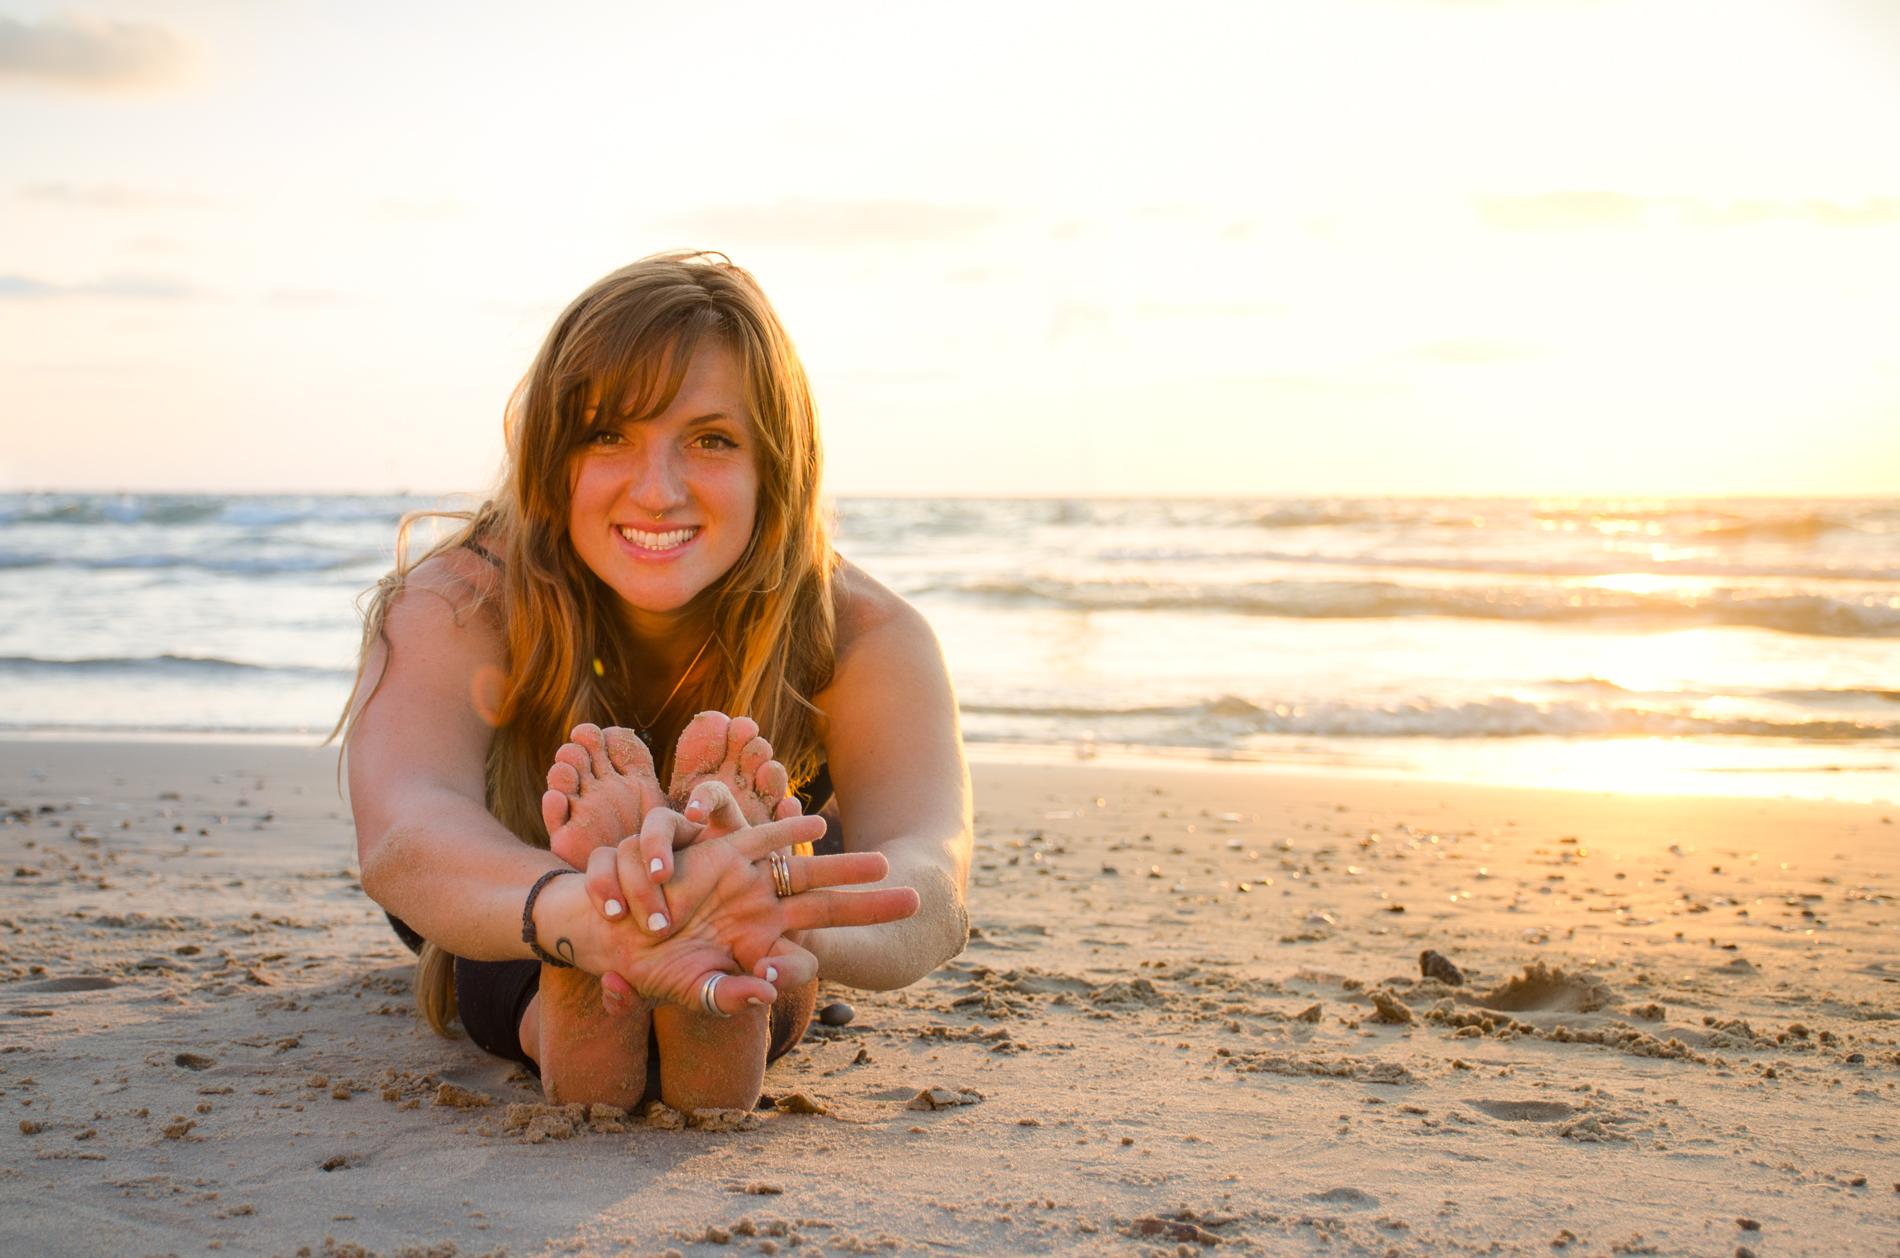 Sesion de fotografia de yoga en la playa